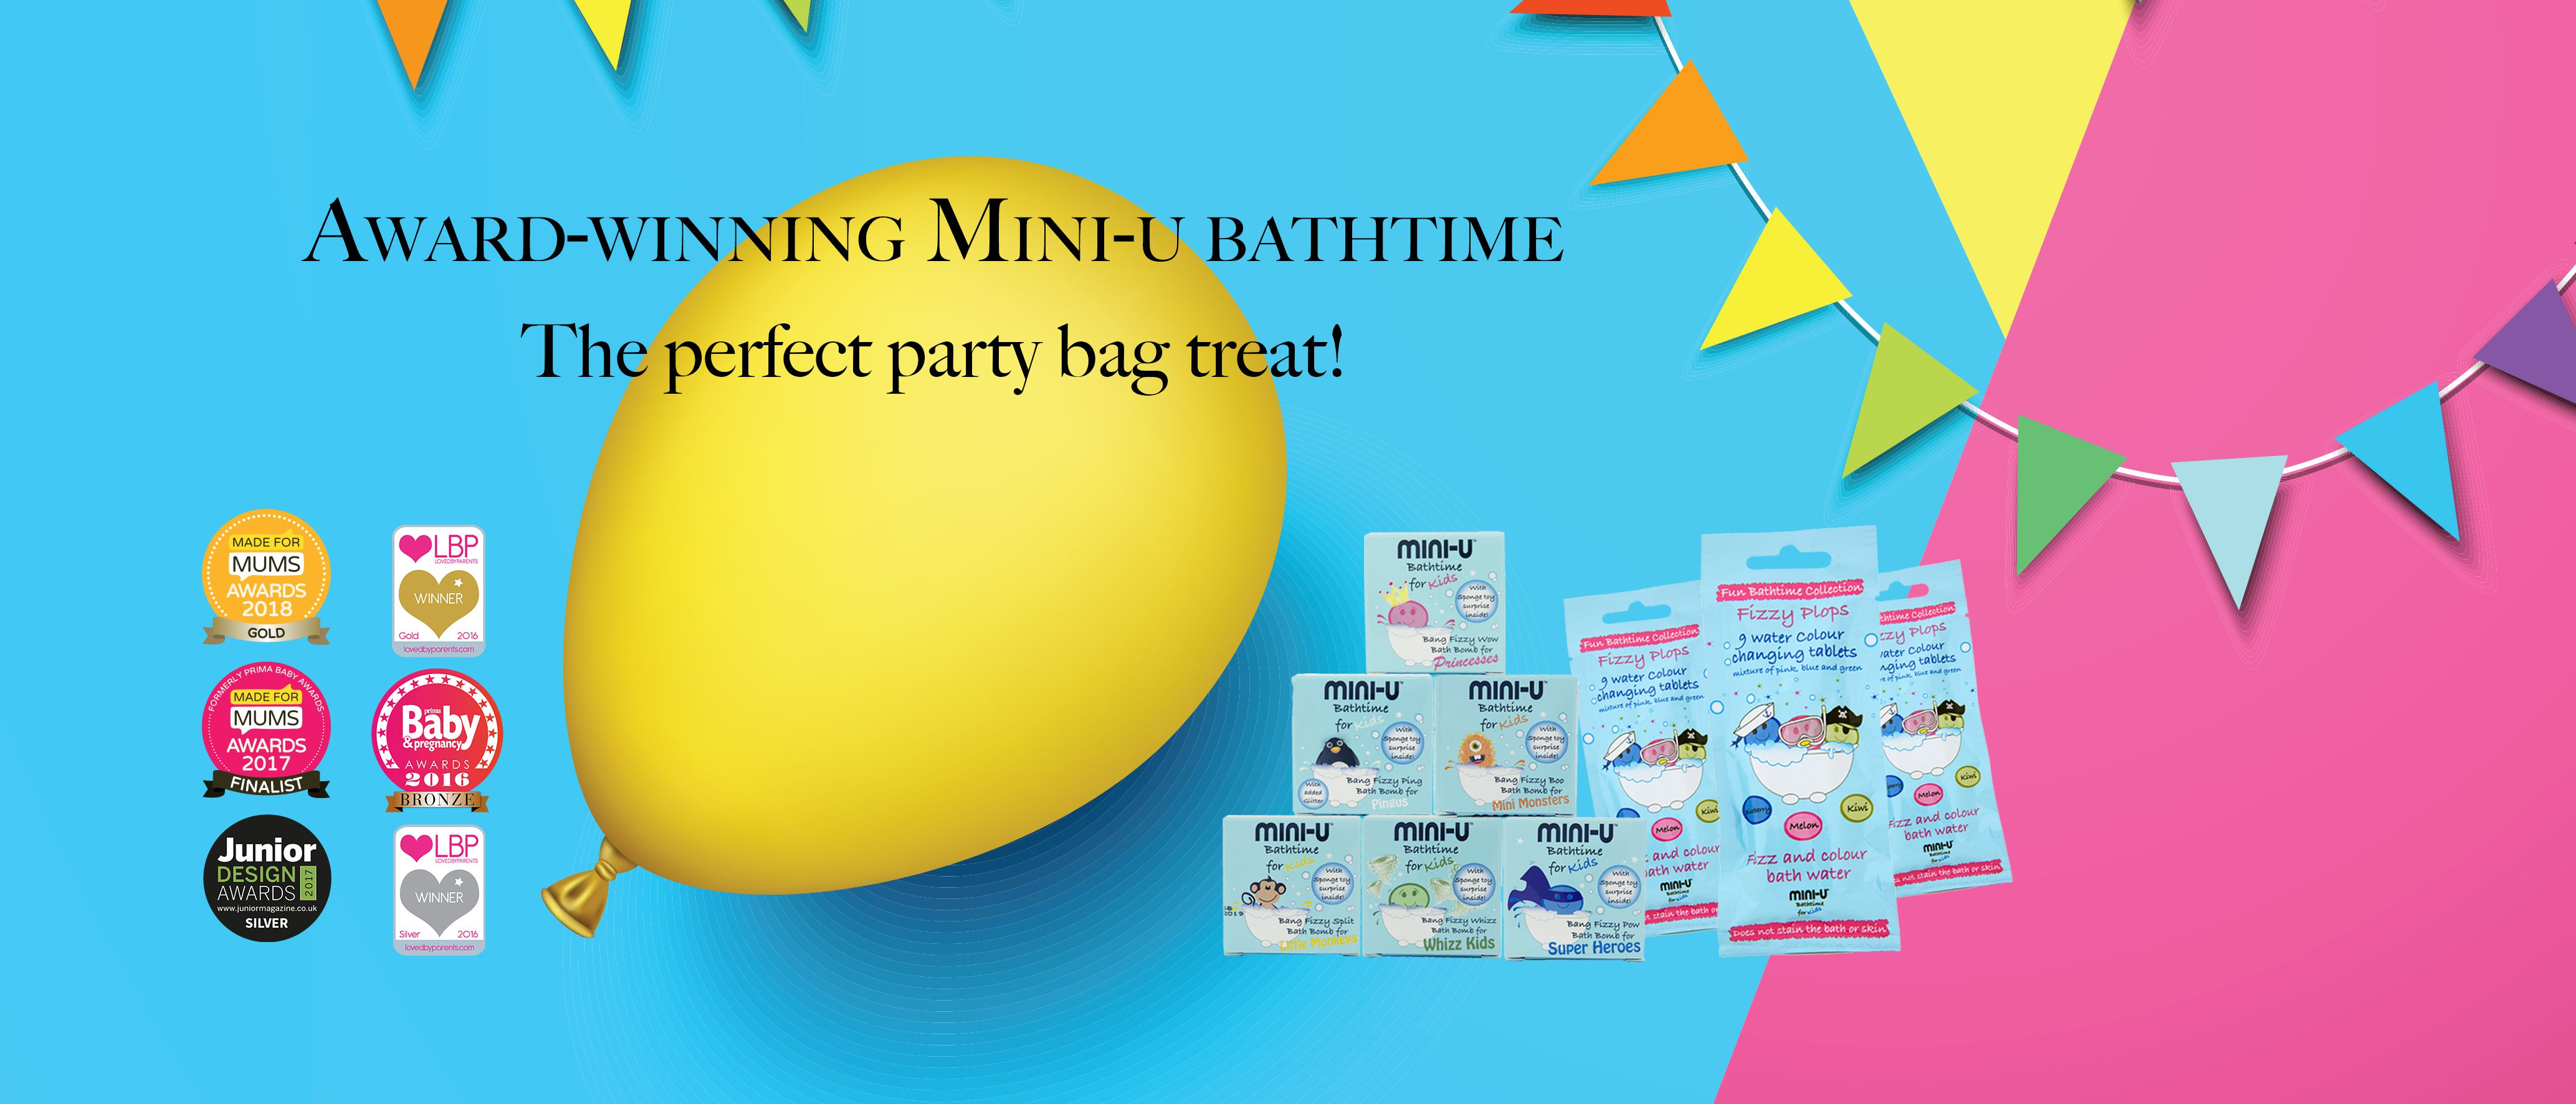 Party-bag-ideas